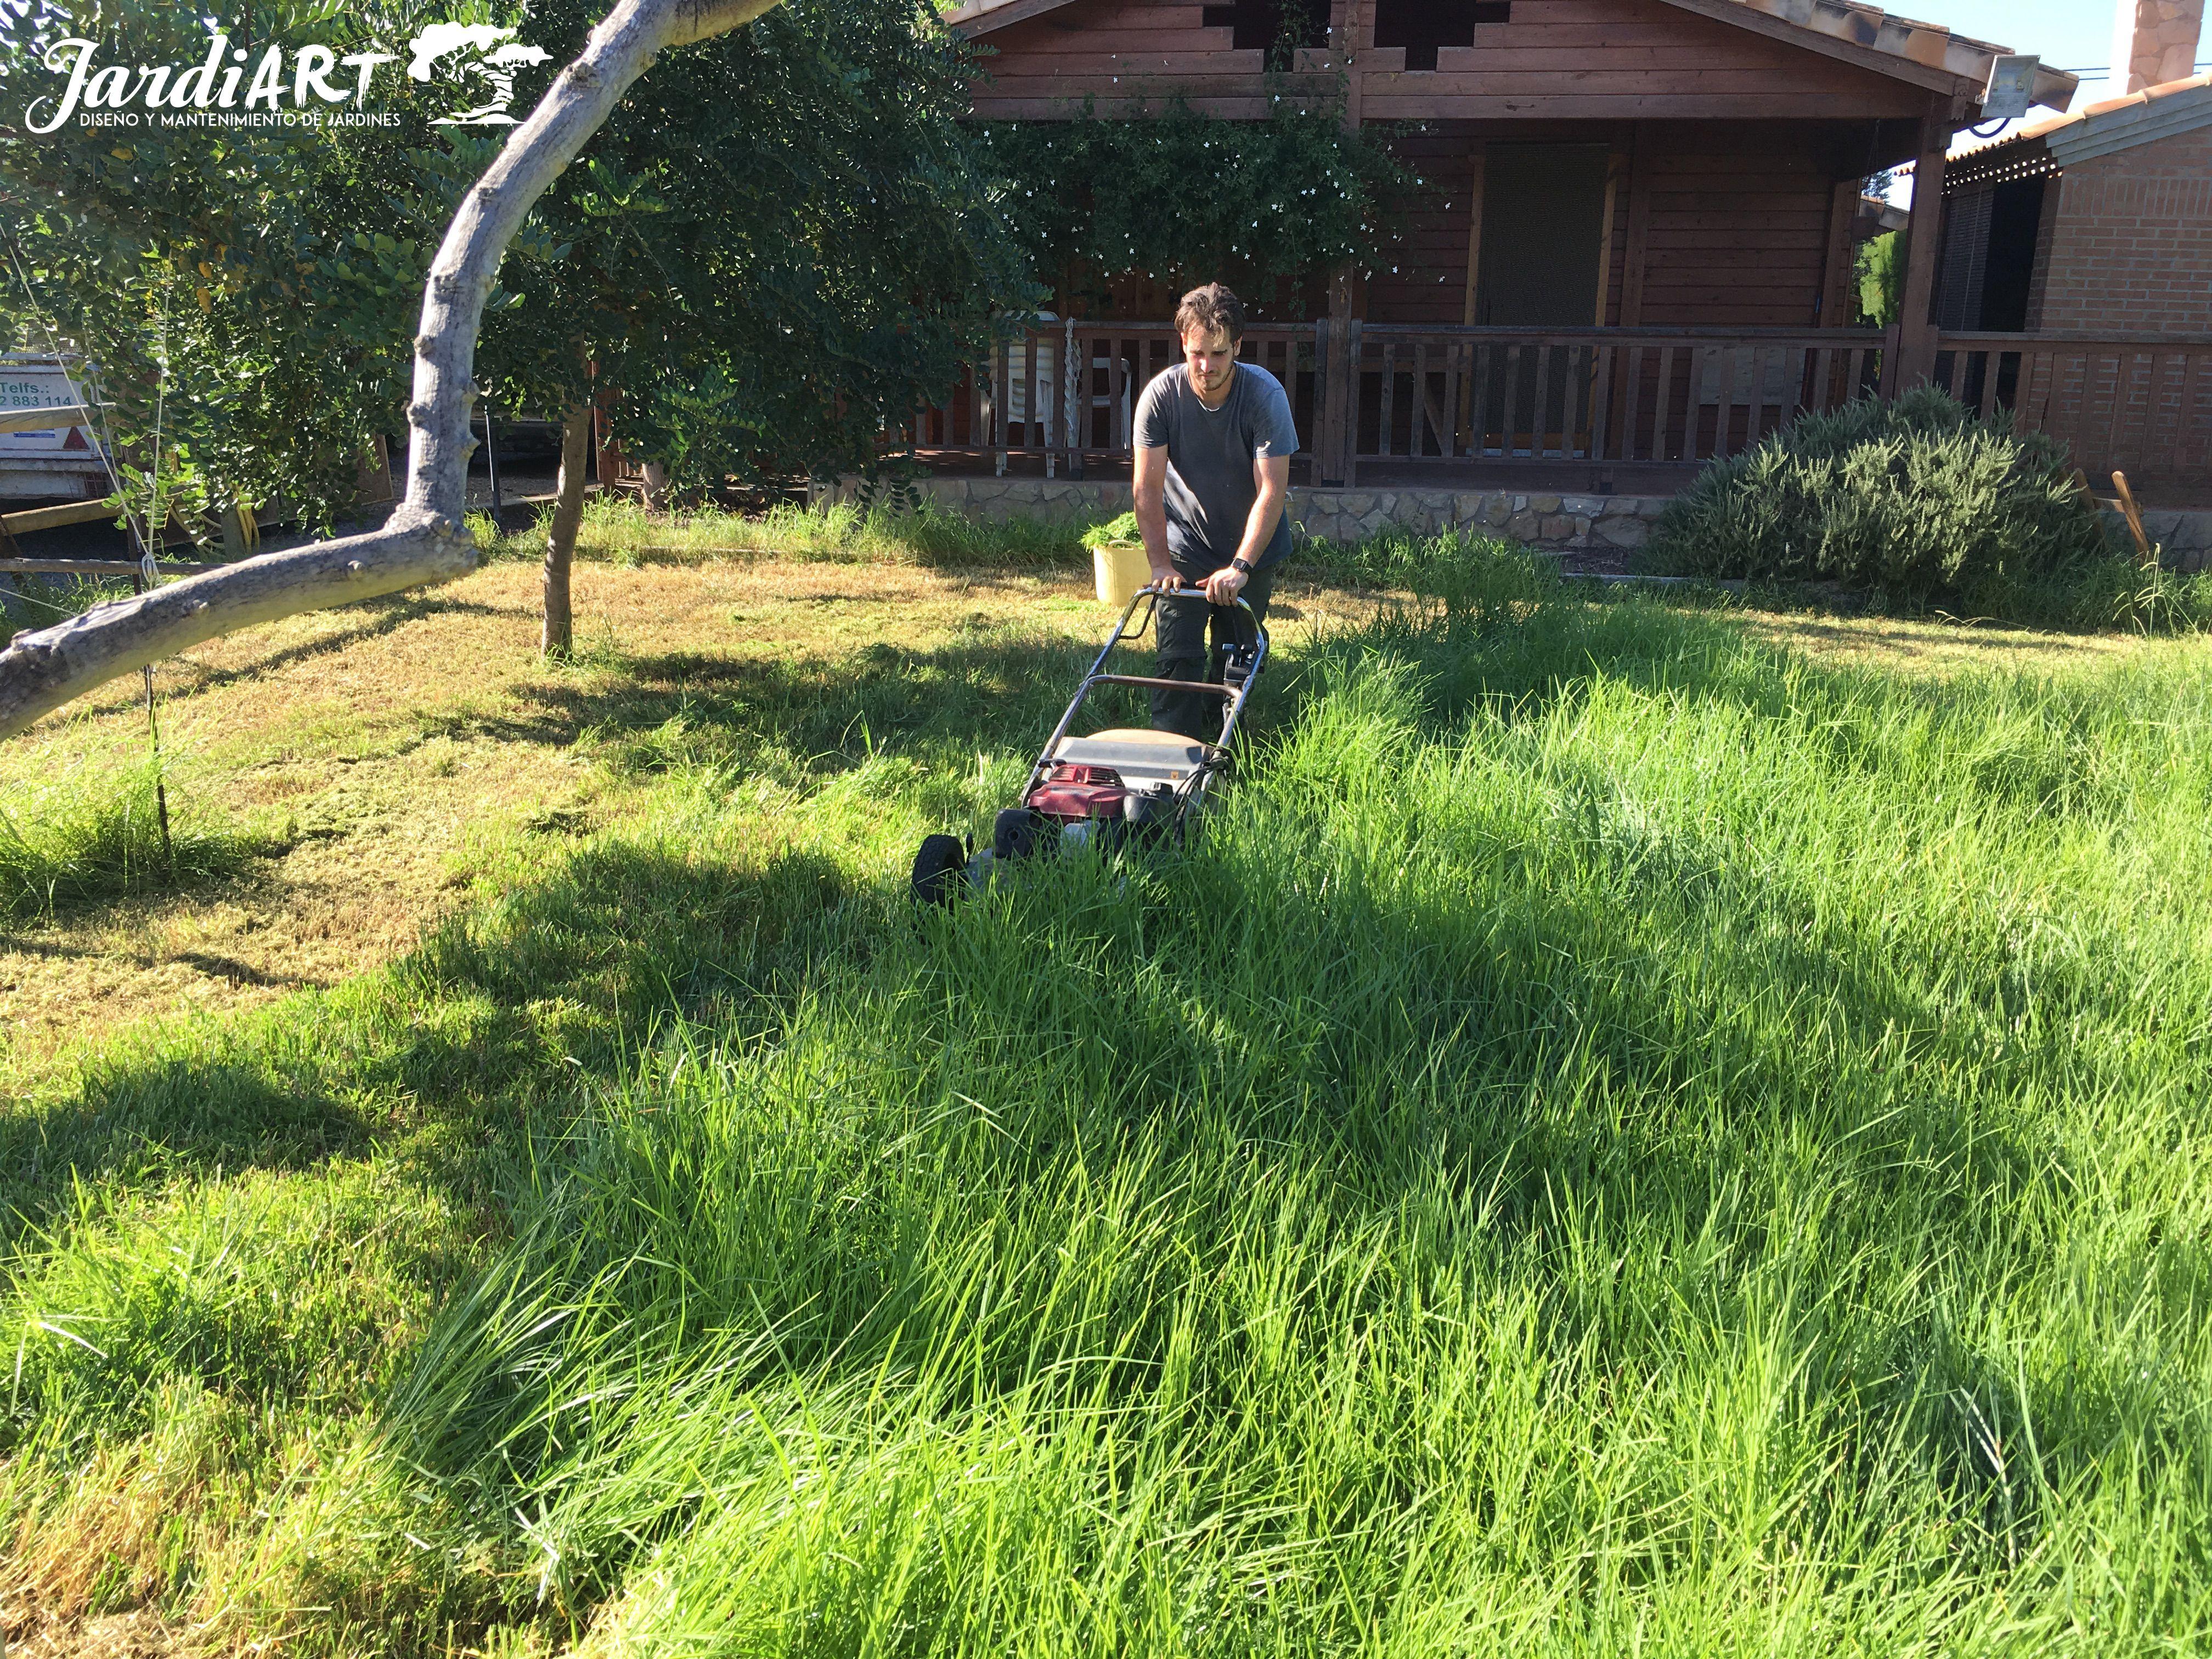 Mantenimiento y limpieza de jardines: Servicios de Jardiart